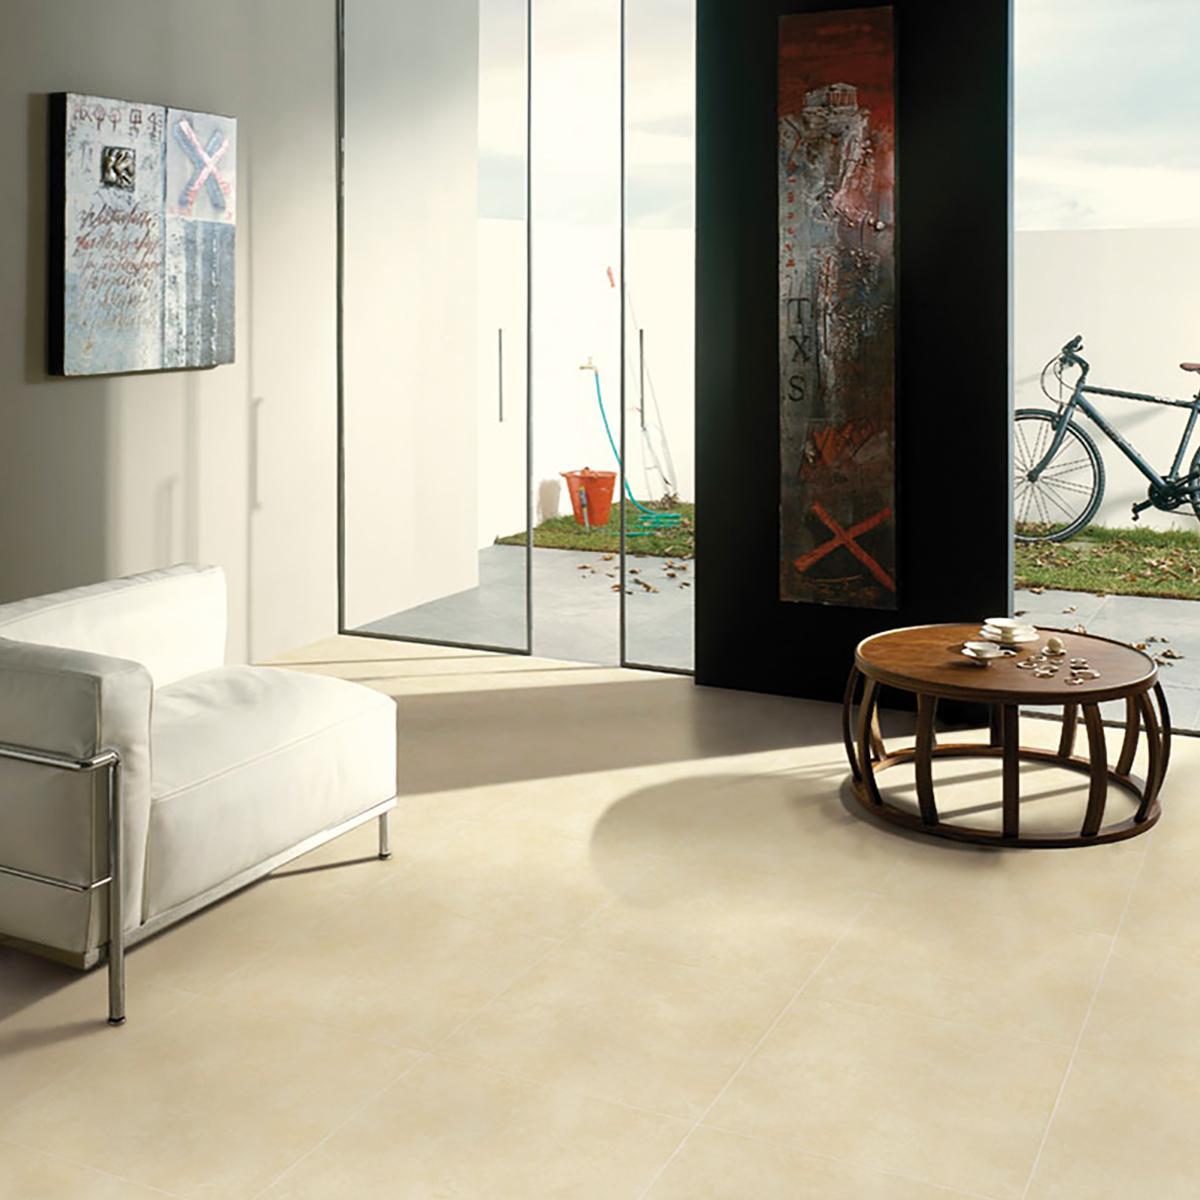 Piso Concreto Marfil Mate - 45X45 cm - 2.08 m2